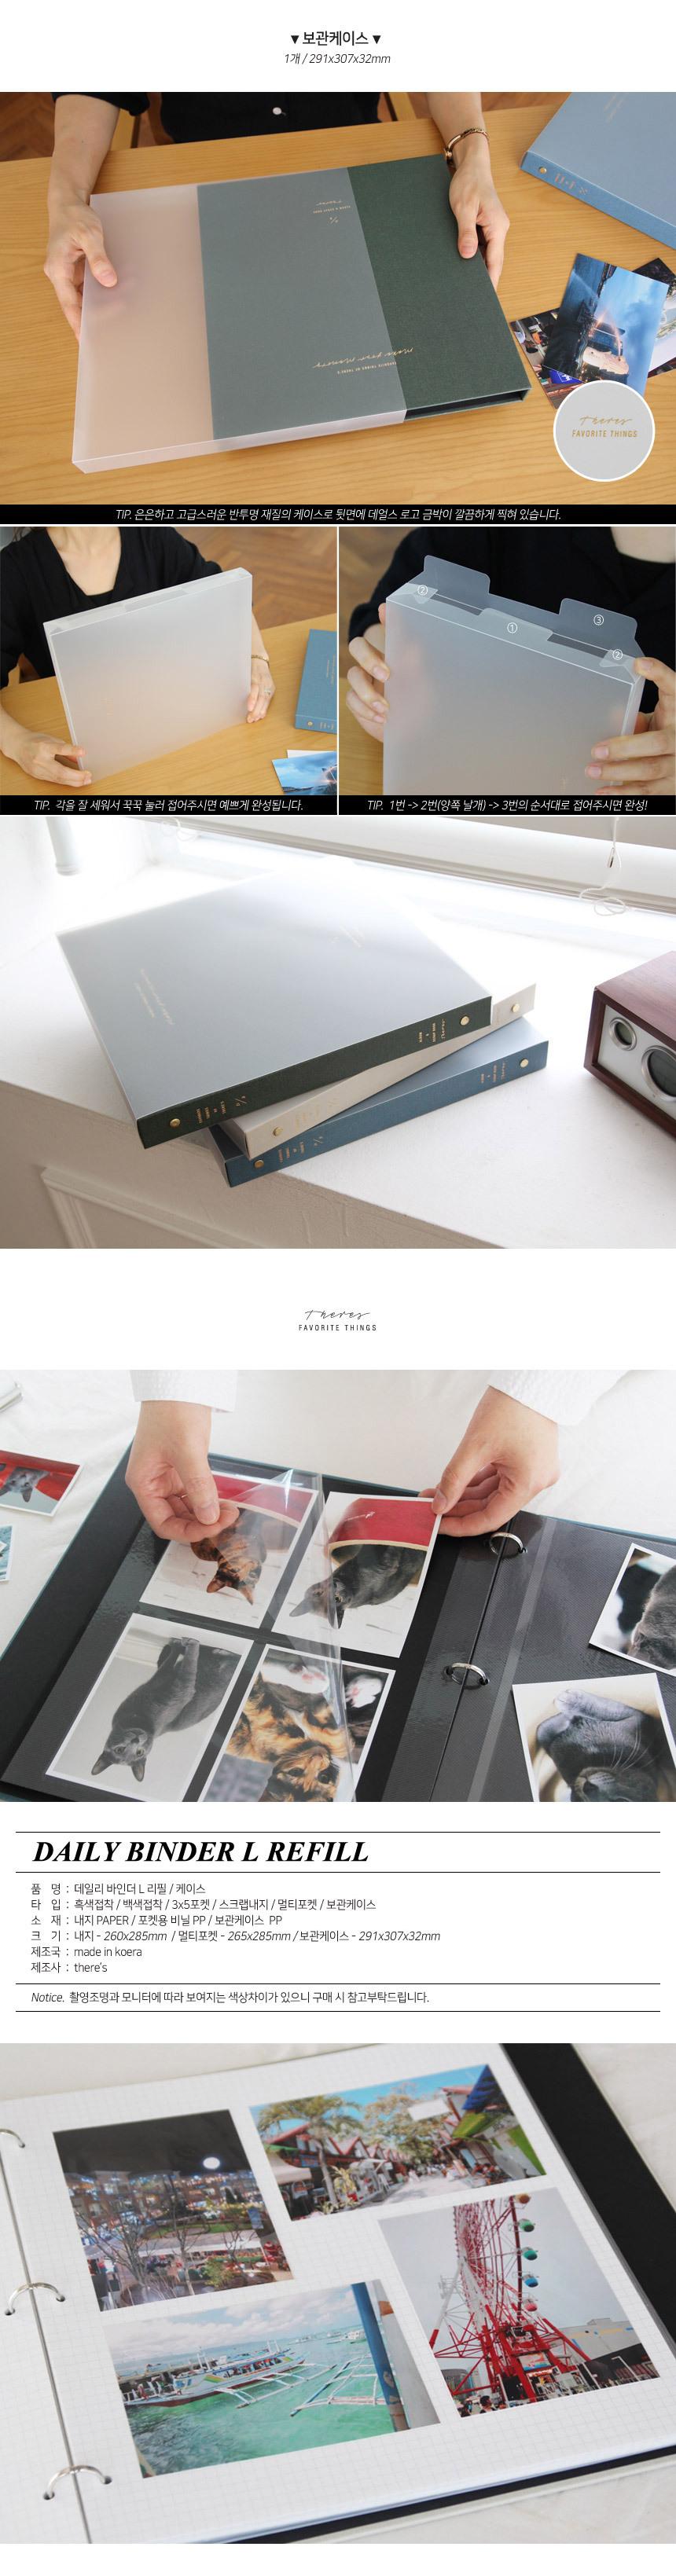 데일리 바인더앨범 L 리필 케이스 - 데얼스, 2,500원, 접착앨범, 심플